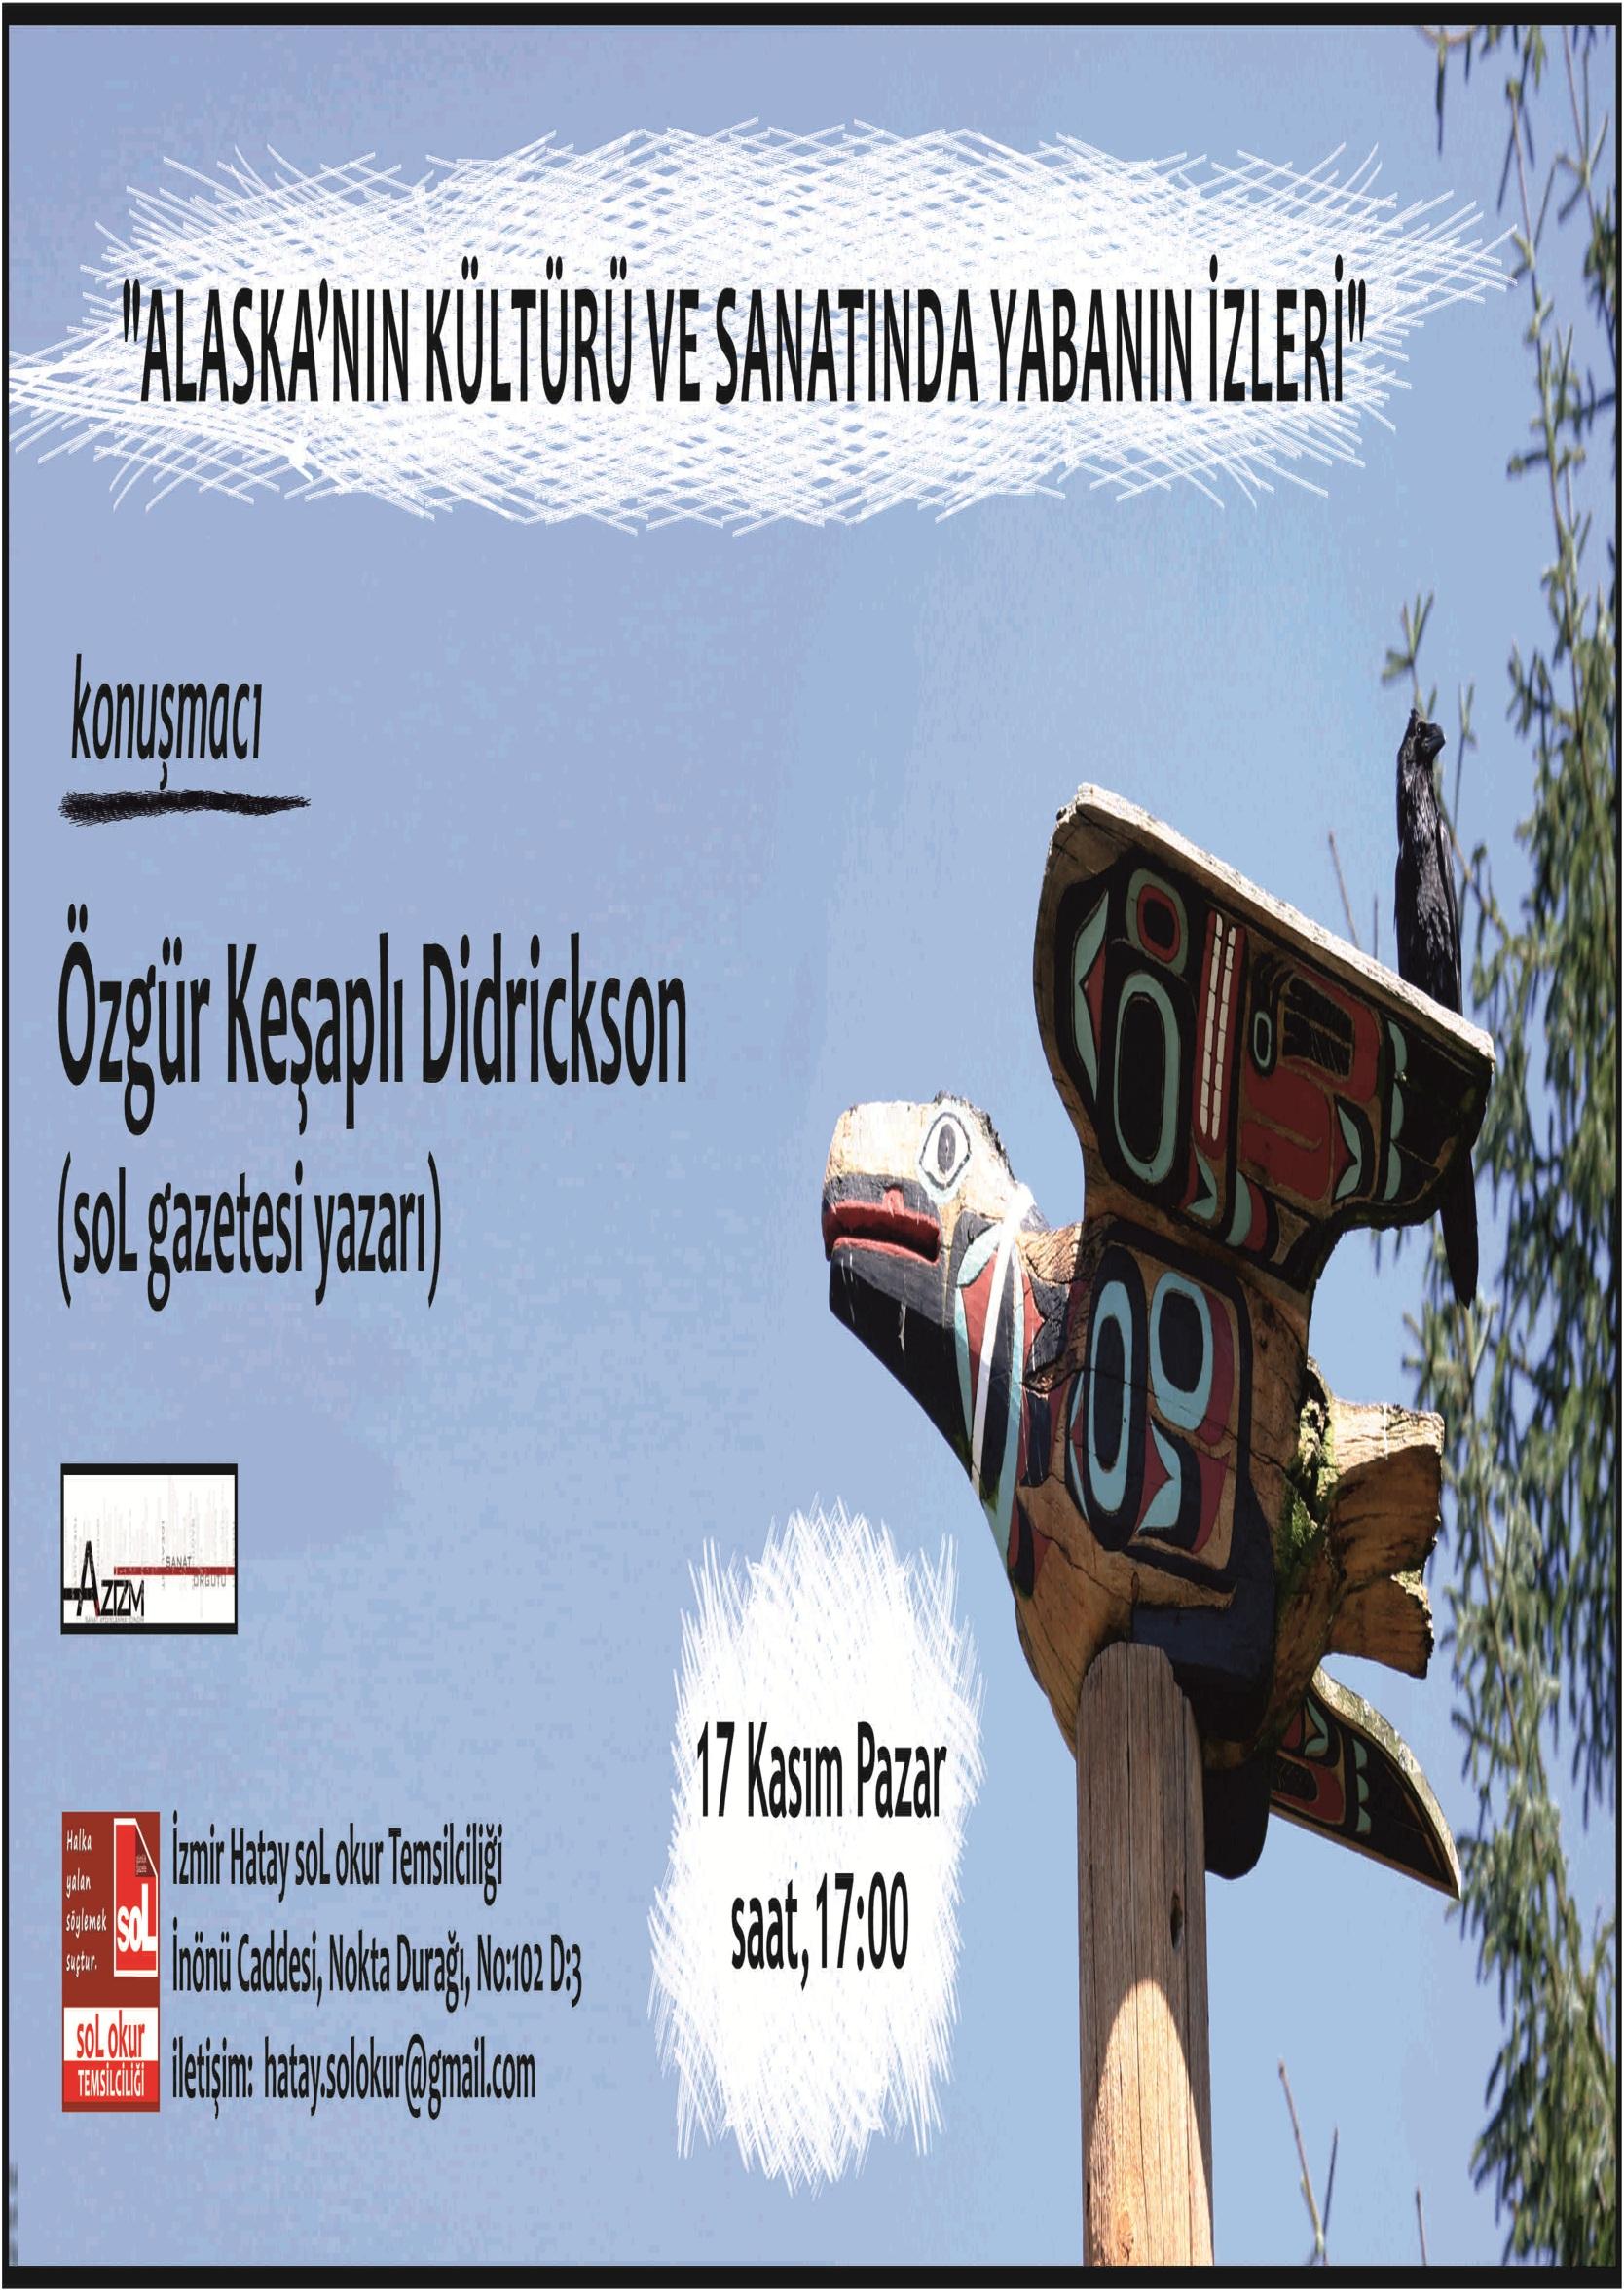 """Azizm ve Sol Yazarı Özgür Keşaplı Didrickson """"Alaska'nın Kültürü ve Sanatında Yabanın İzleri""""ni Sürecek"""